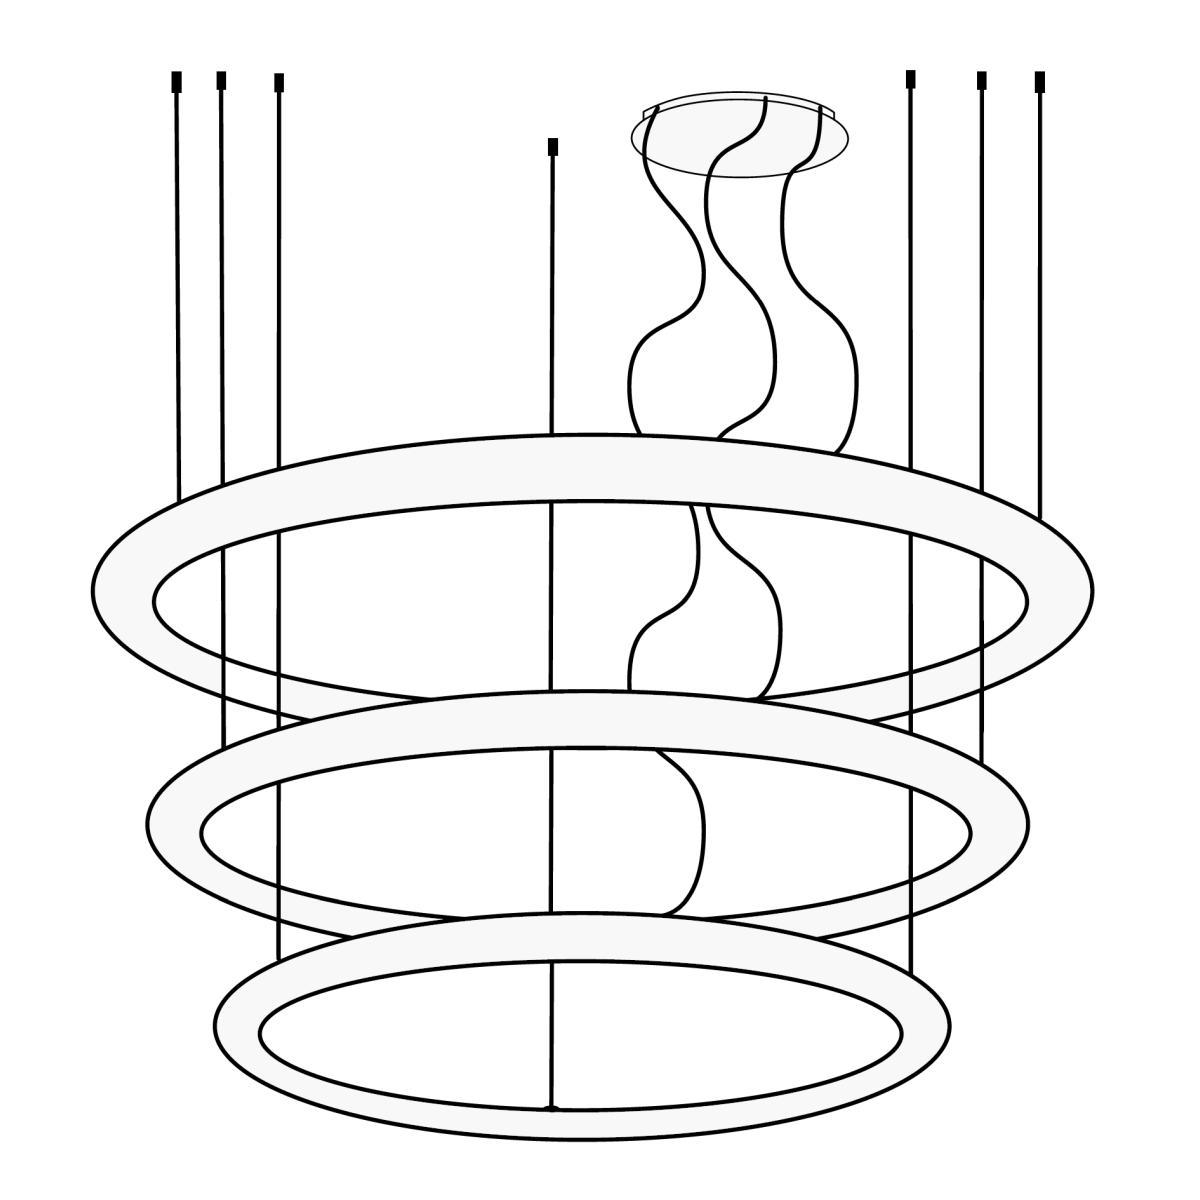 GIOTTO Candelaber Kronleuchter mit 3 verschieden großen Ringen und Baldachin